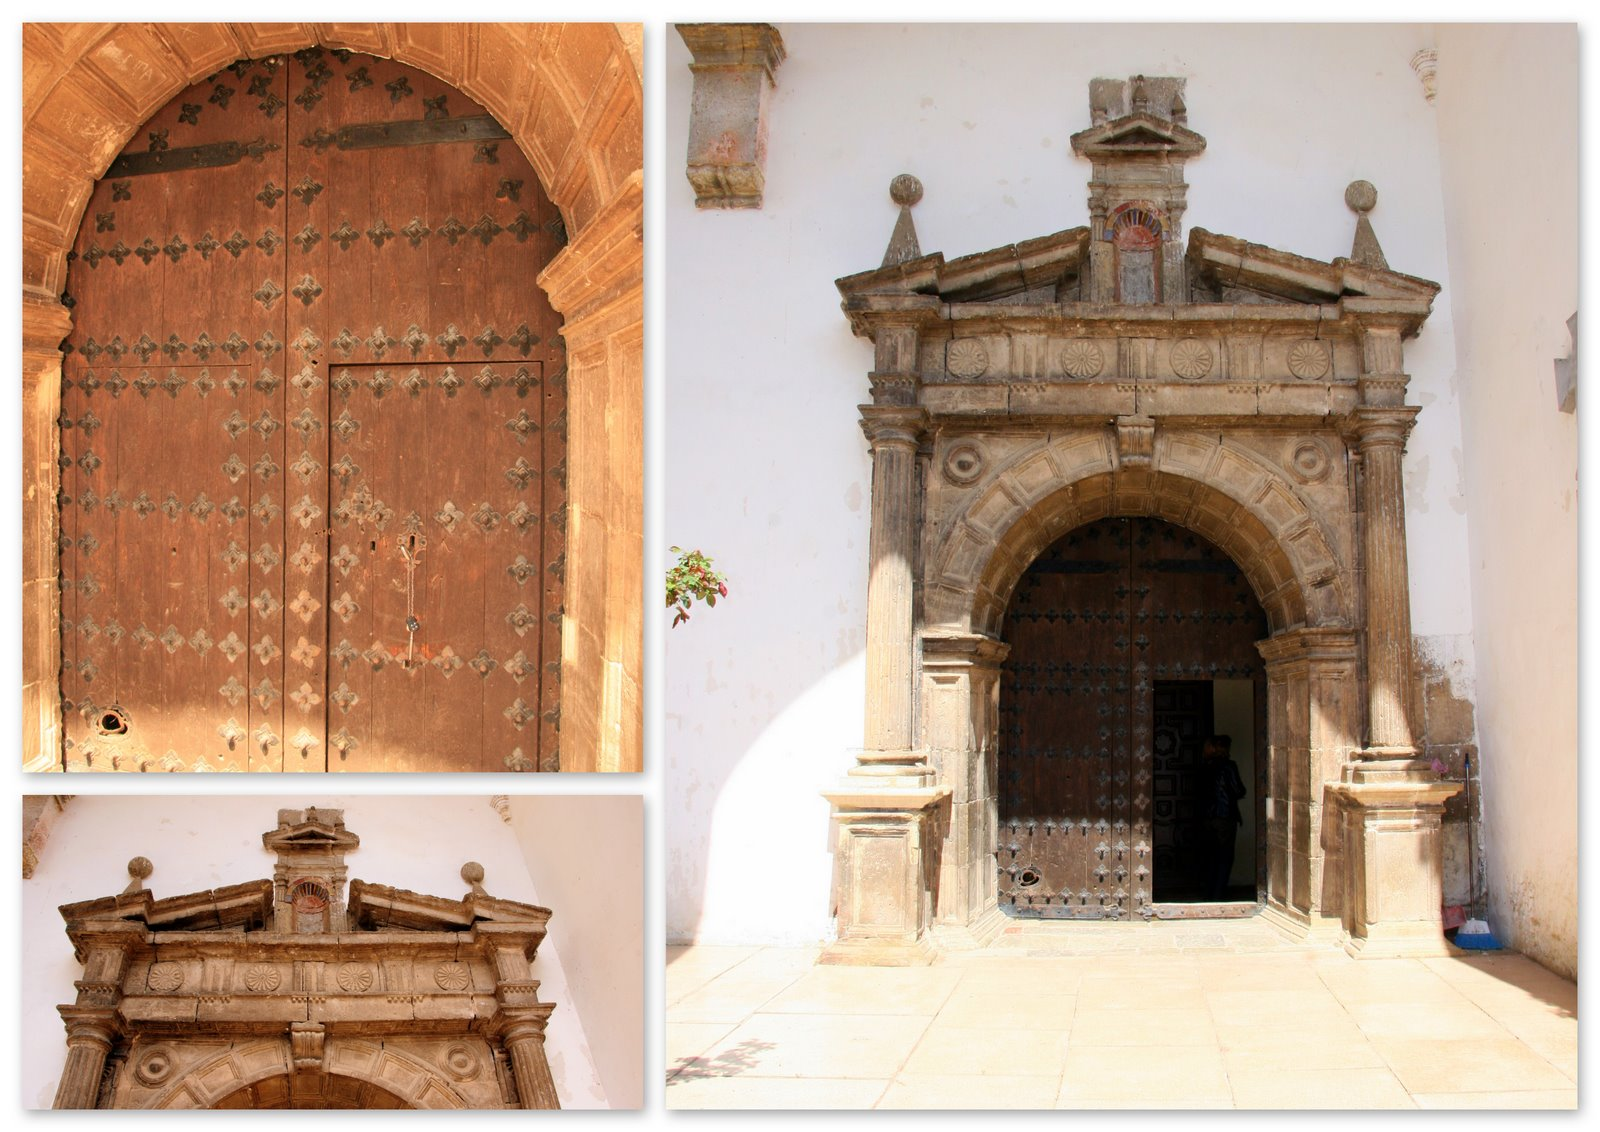 Iglesia de la asunci n de nuestra se ora monterde de for Puerta 19 benito villamarin